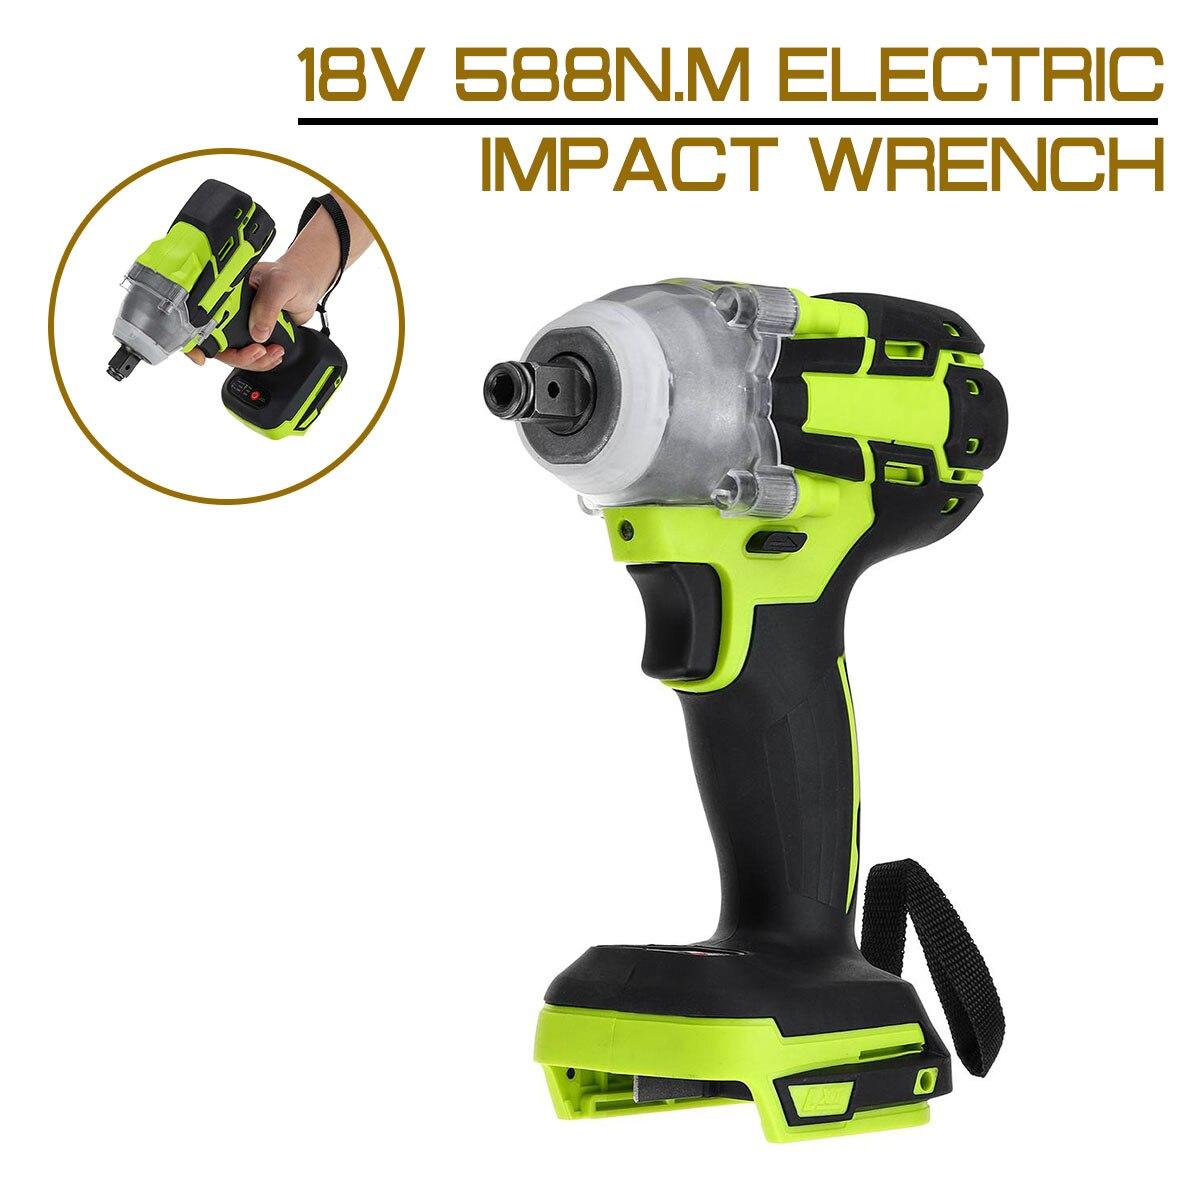 Elétrica sem Escova Chave de Impacto Chave de Soquete Elétrica sem Fio Recarregável sem Bateria Ferramenta 18v 588n.m 1 – 2